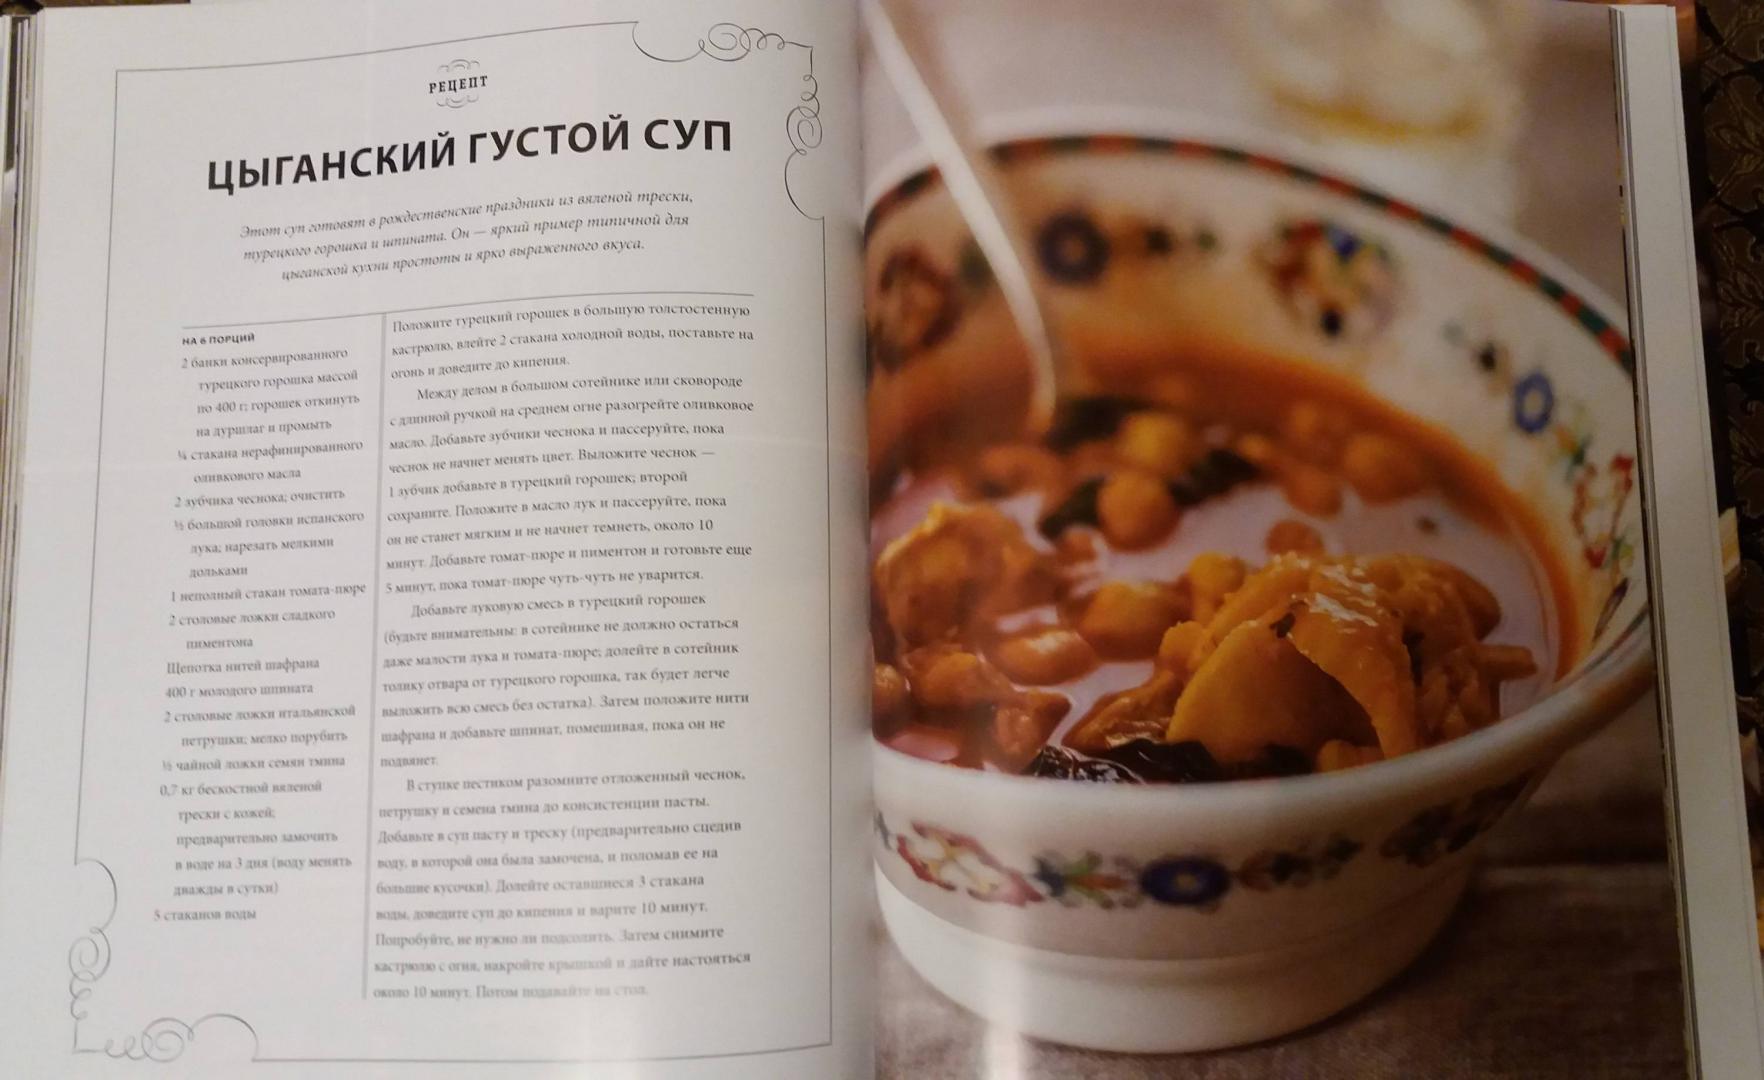 Иллюстрация 33 из 33 для Испания. Кулинарное путешествие. Марио Баталии в компании Гвинет Пэлтроу - Джулия Тершен | Лабиринт - книги. Источник: Дина